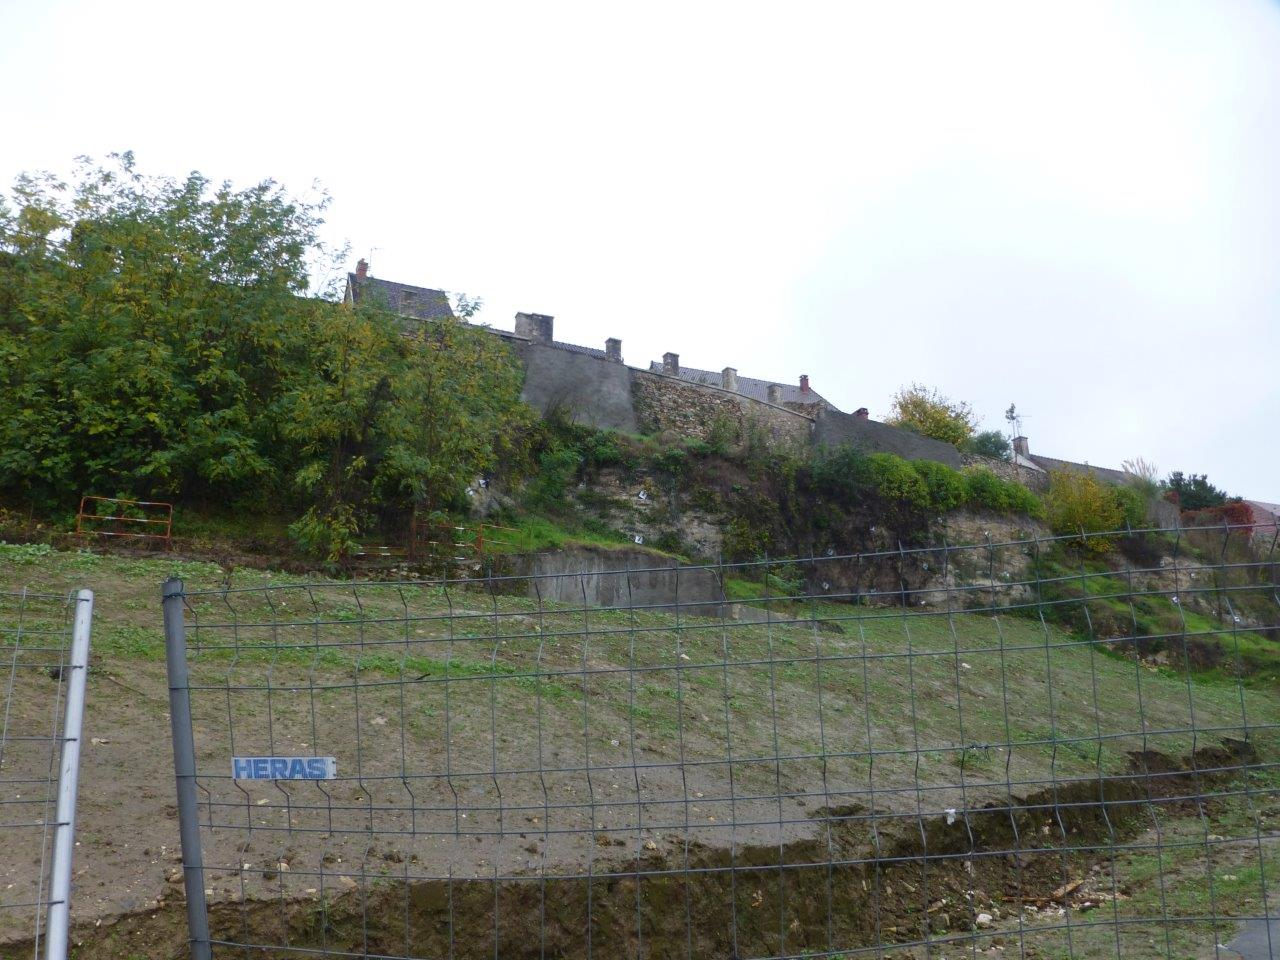 Après la destruction du bloc de calcaire et de la maison d'habitation qui était menacée par ce dernier, c'est désormais la terre de remblai qui pose des soucis.